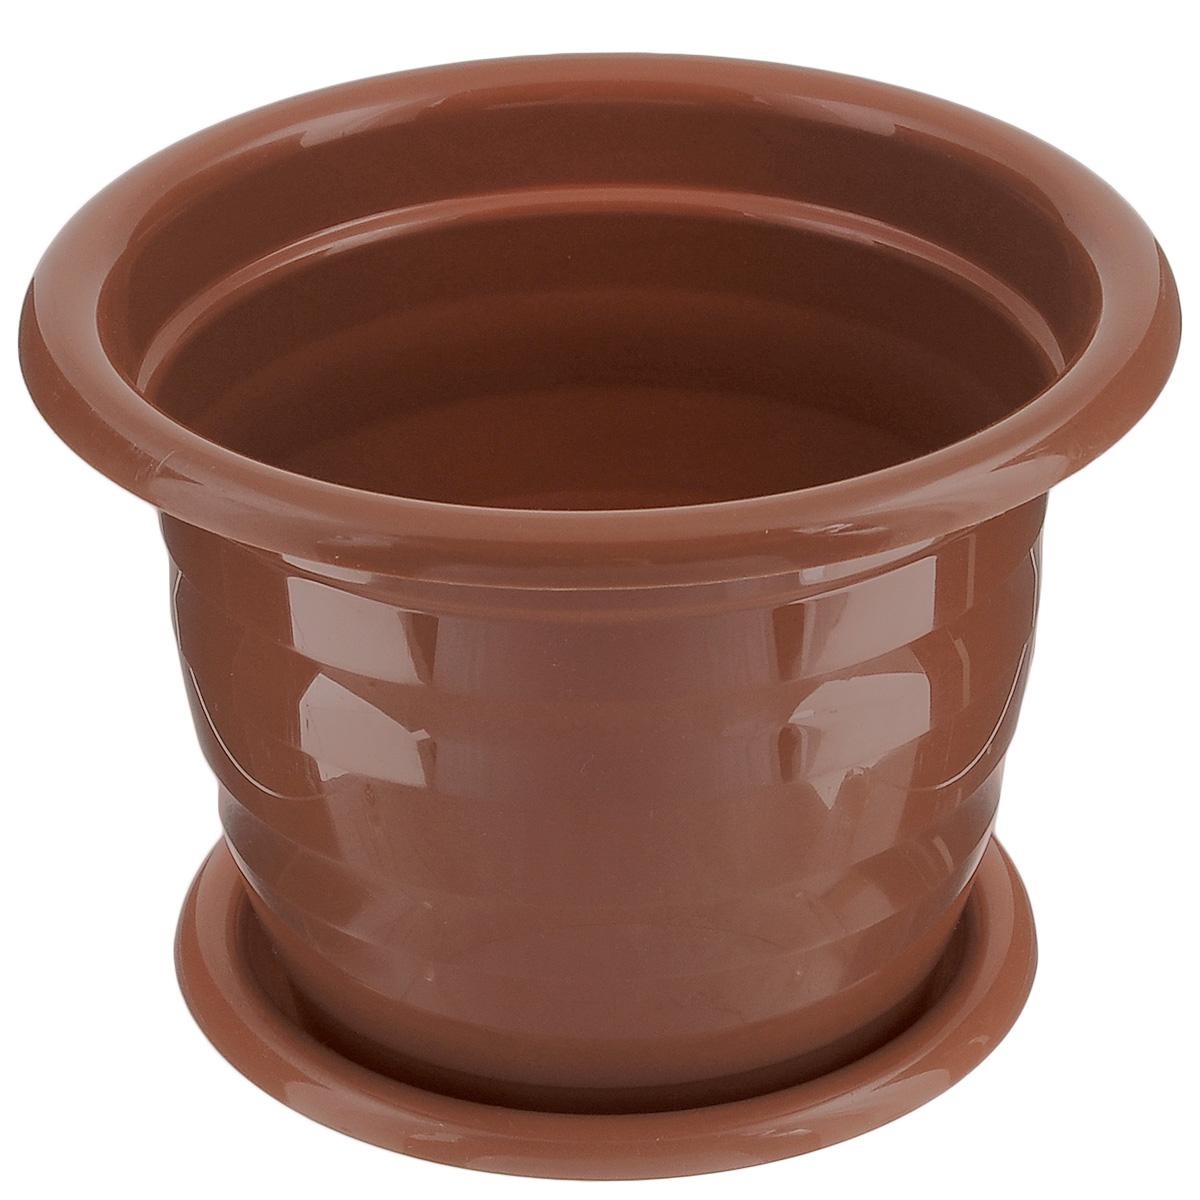 Горшок для цветов Альтернатива Виола, с поддоном, цвет: коричневый, 2 л, диаметр 18 смL-0213Цветочный горшок Альтернатива Виола выполнен из пластика и предназначен для выращивания в нем цветов, растений и трав.Такой горшок порадует вас современным дизайном и функциональностью, а также оригинально украсит интерьер помещения. К горшку прилагается поддон.Объем горшка: 2 л.Диаметр горшка: 18 см.Высота горшка: 15 см.Диаметр поддона: 15 см.